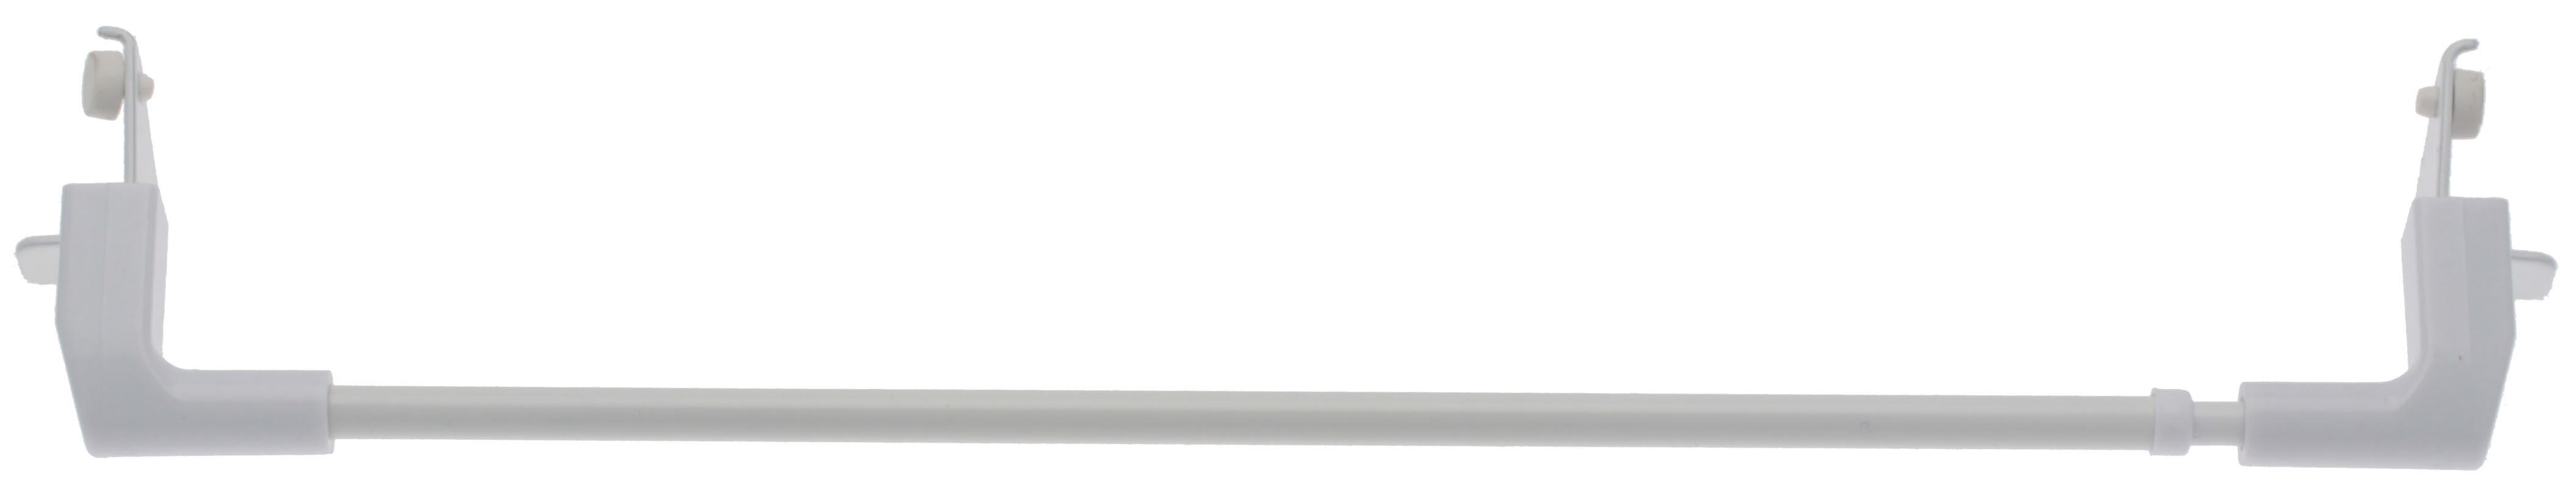 Tringle ext sans embout 'Press & Go' sans percage (Blanc)